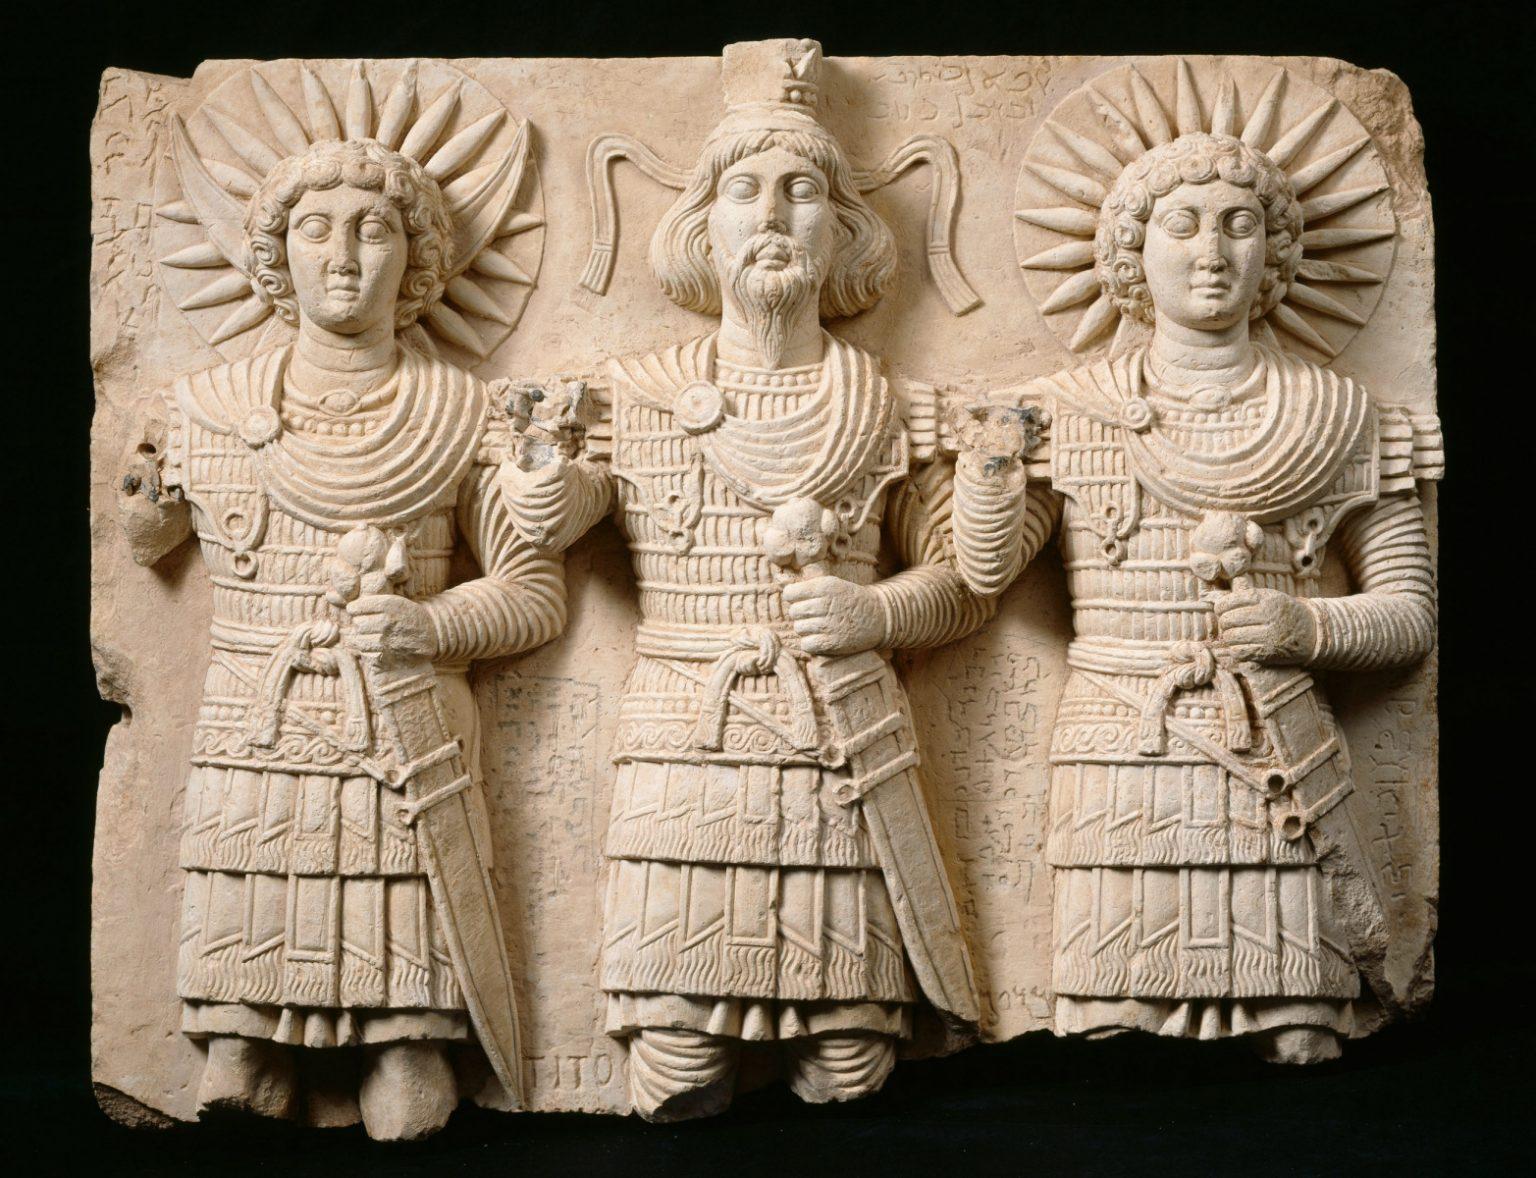 The trinity of the god Baal Shamin